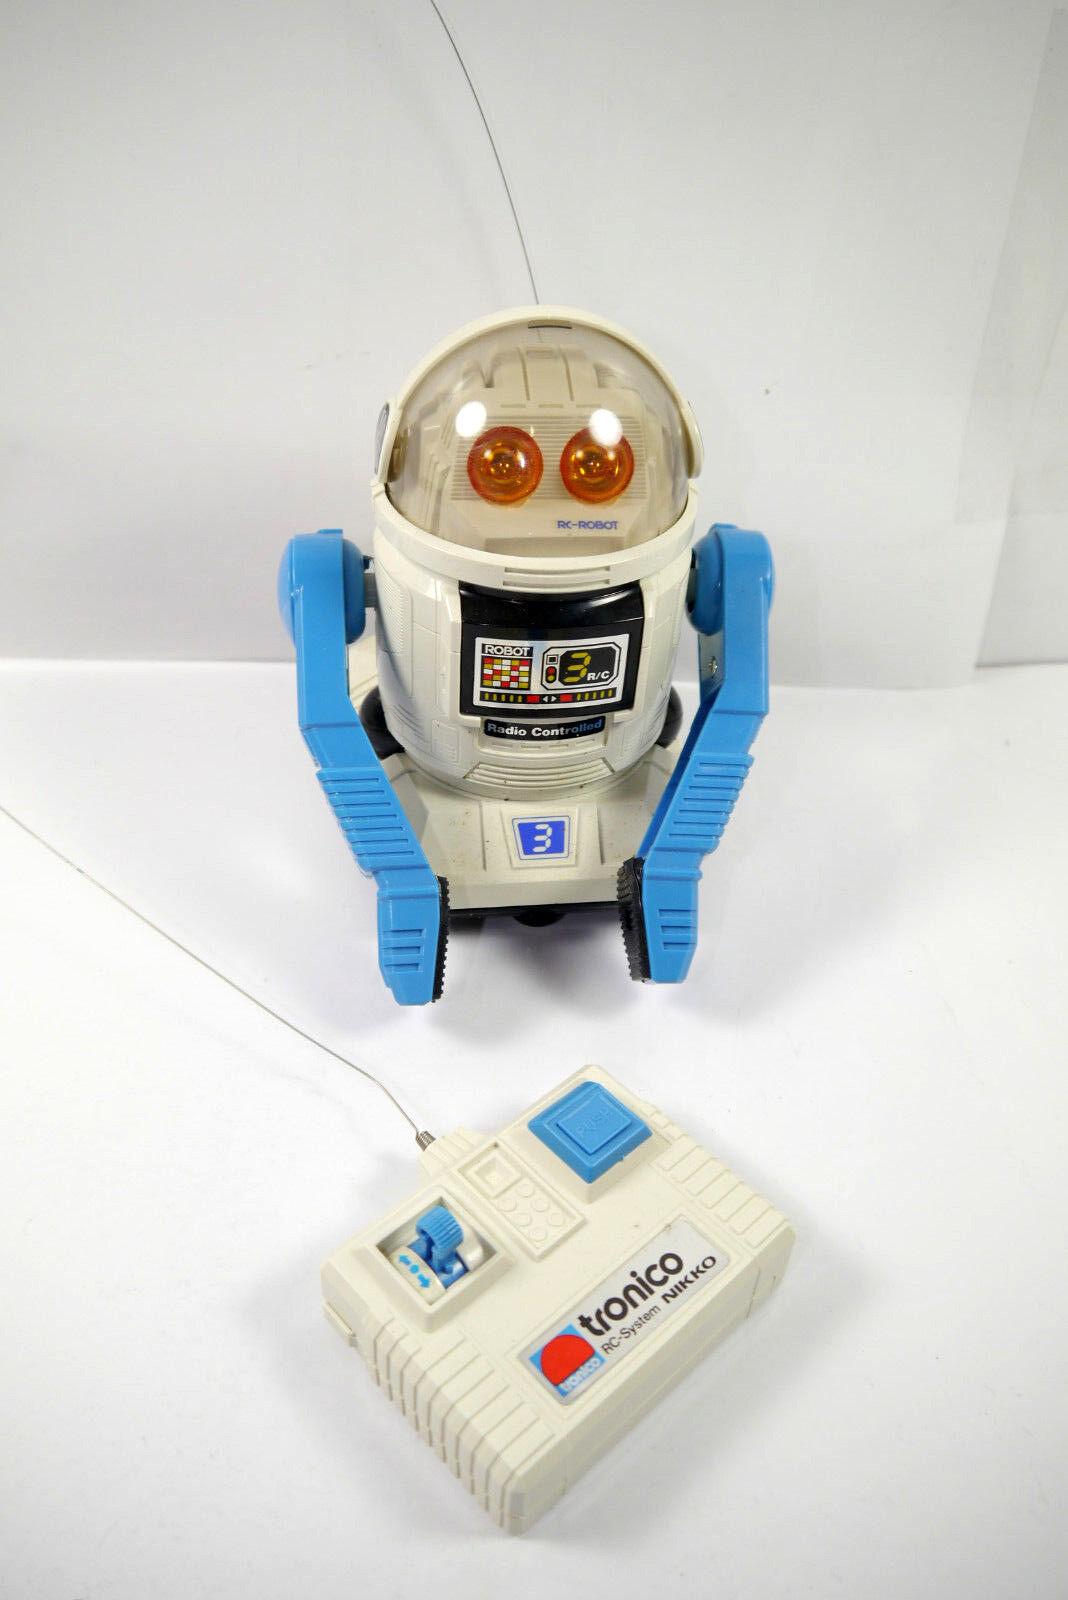 Tronico Robby-Robot Robot con Radiocouomodo Nikko con Conf. Orig. (F24)   vendita di offerte